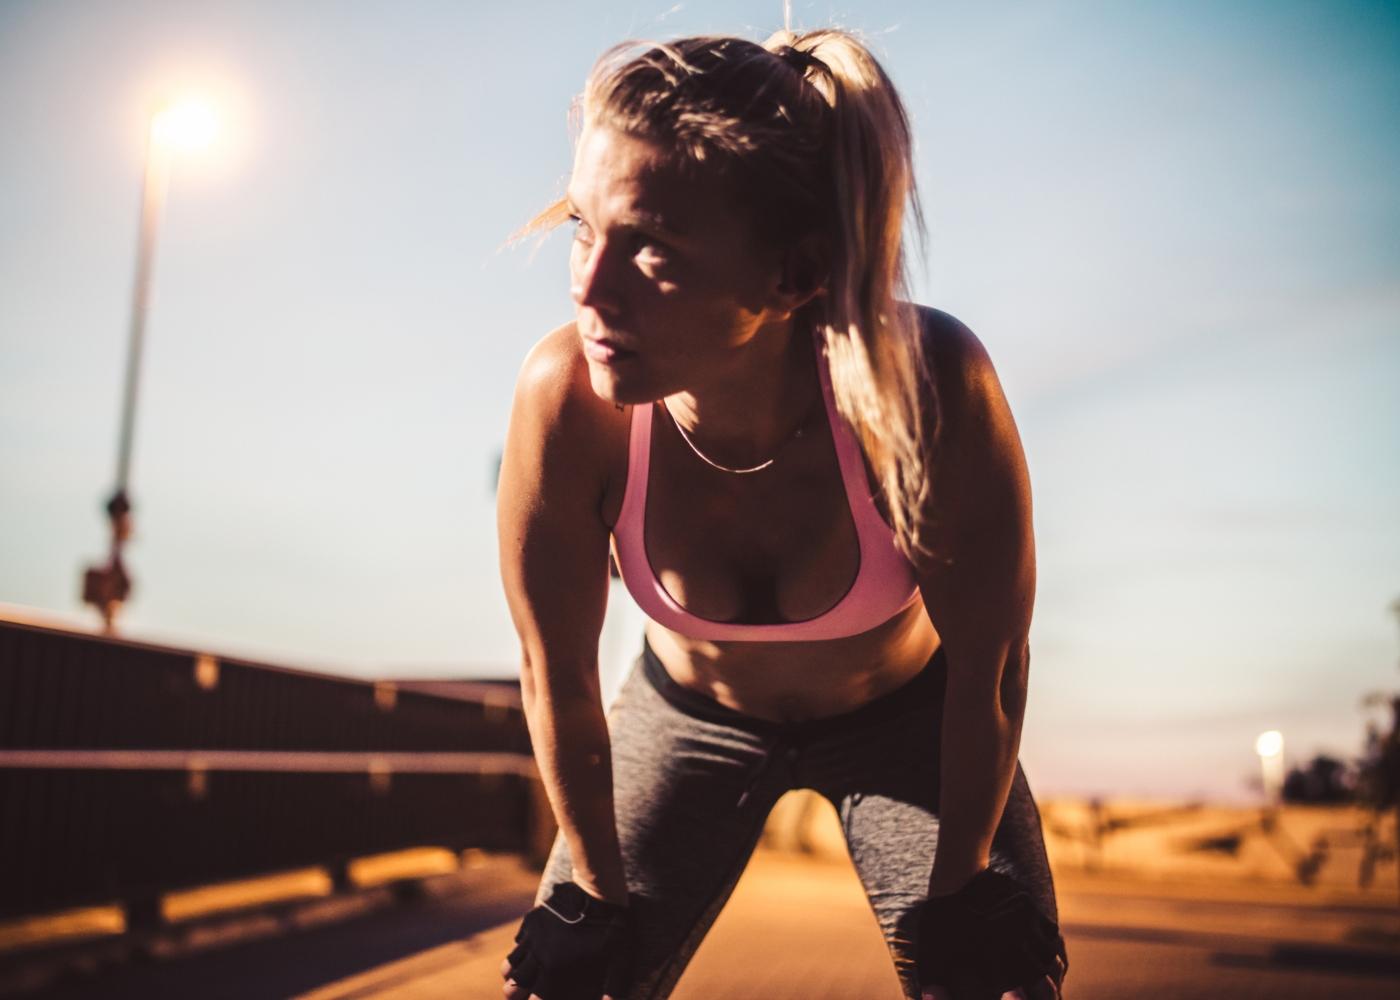 Mulher a recuperar fôlego após treino